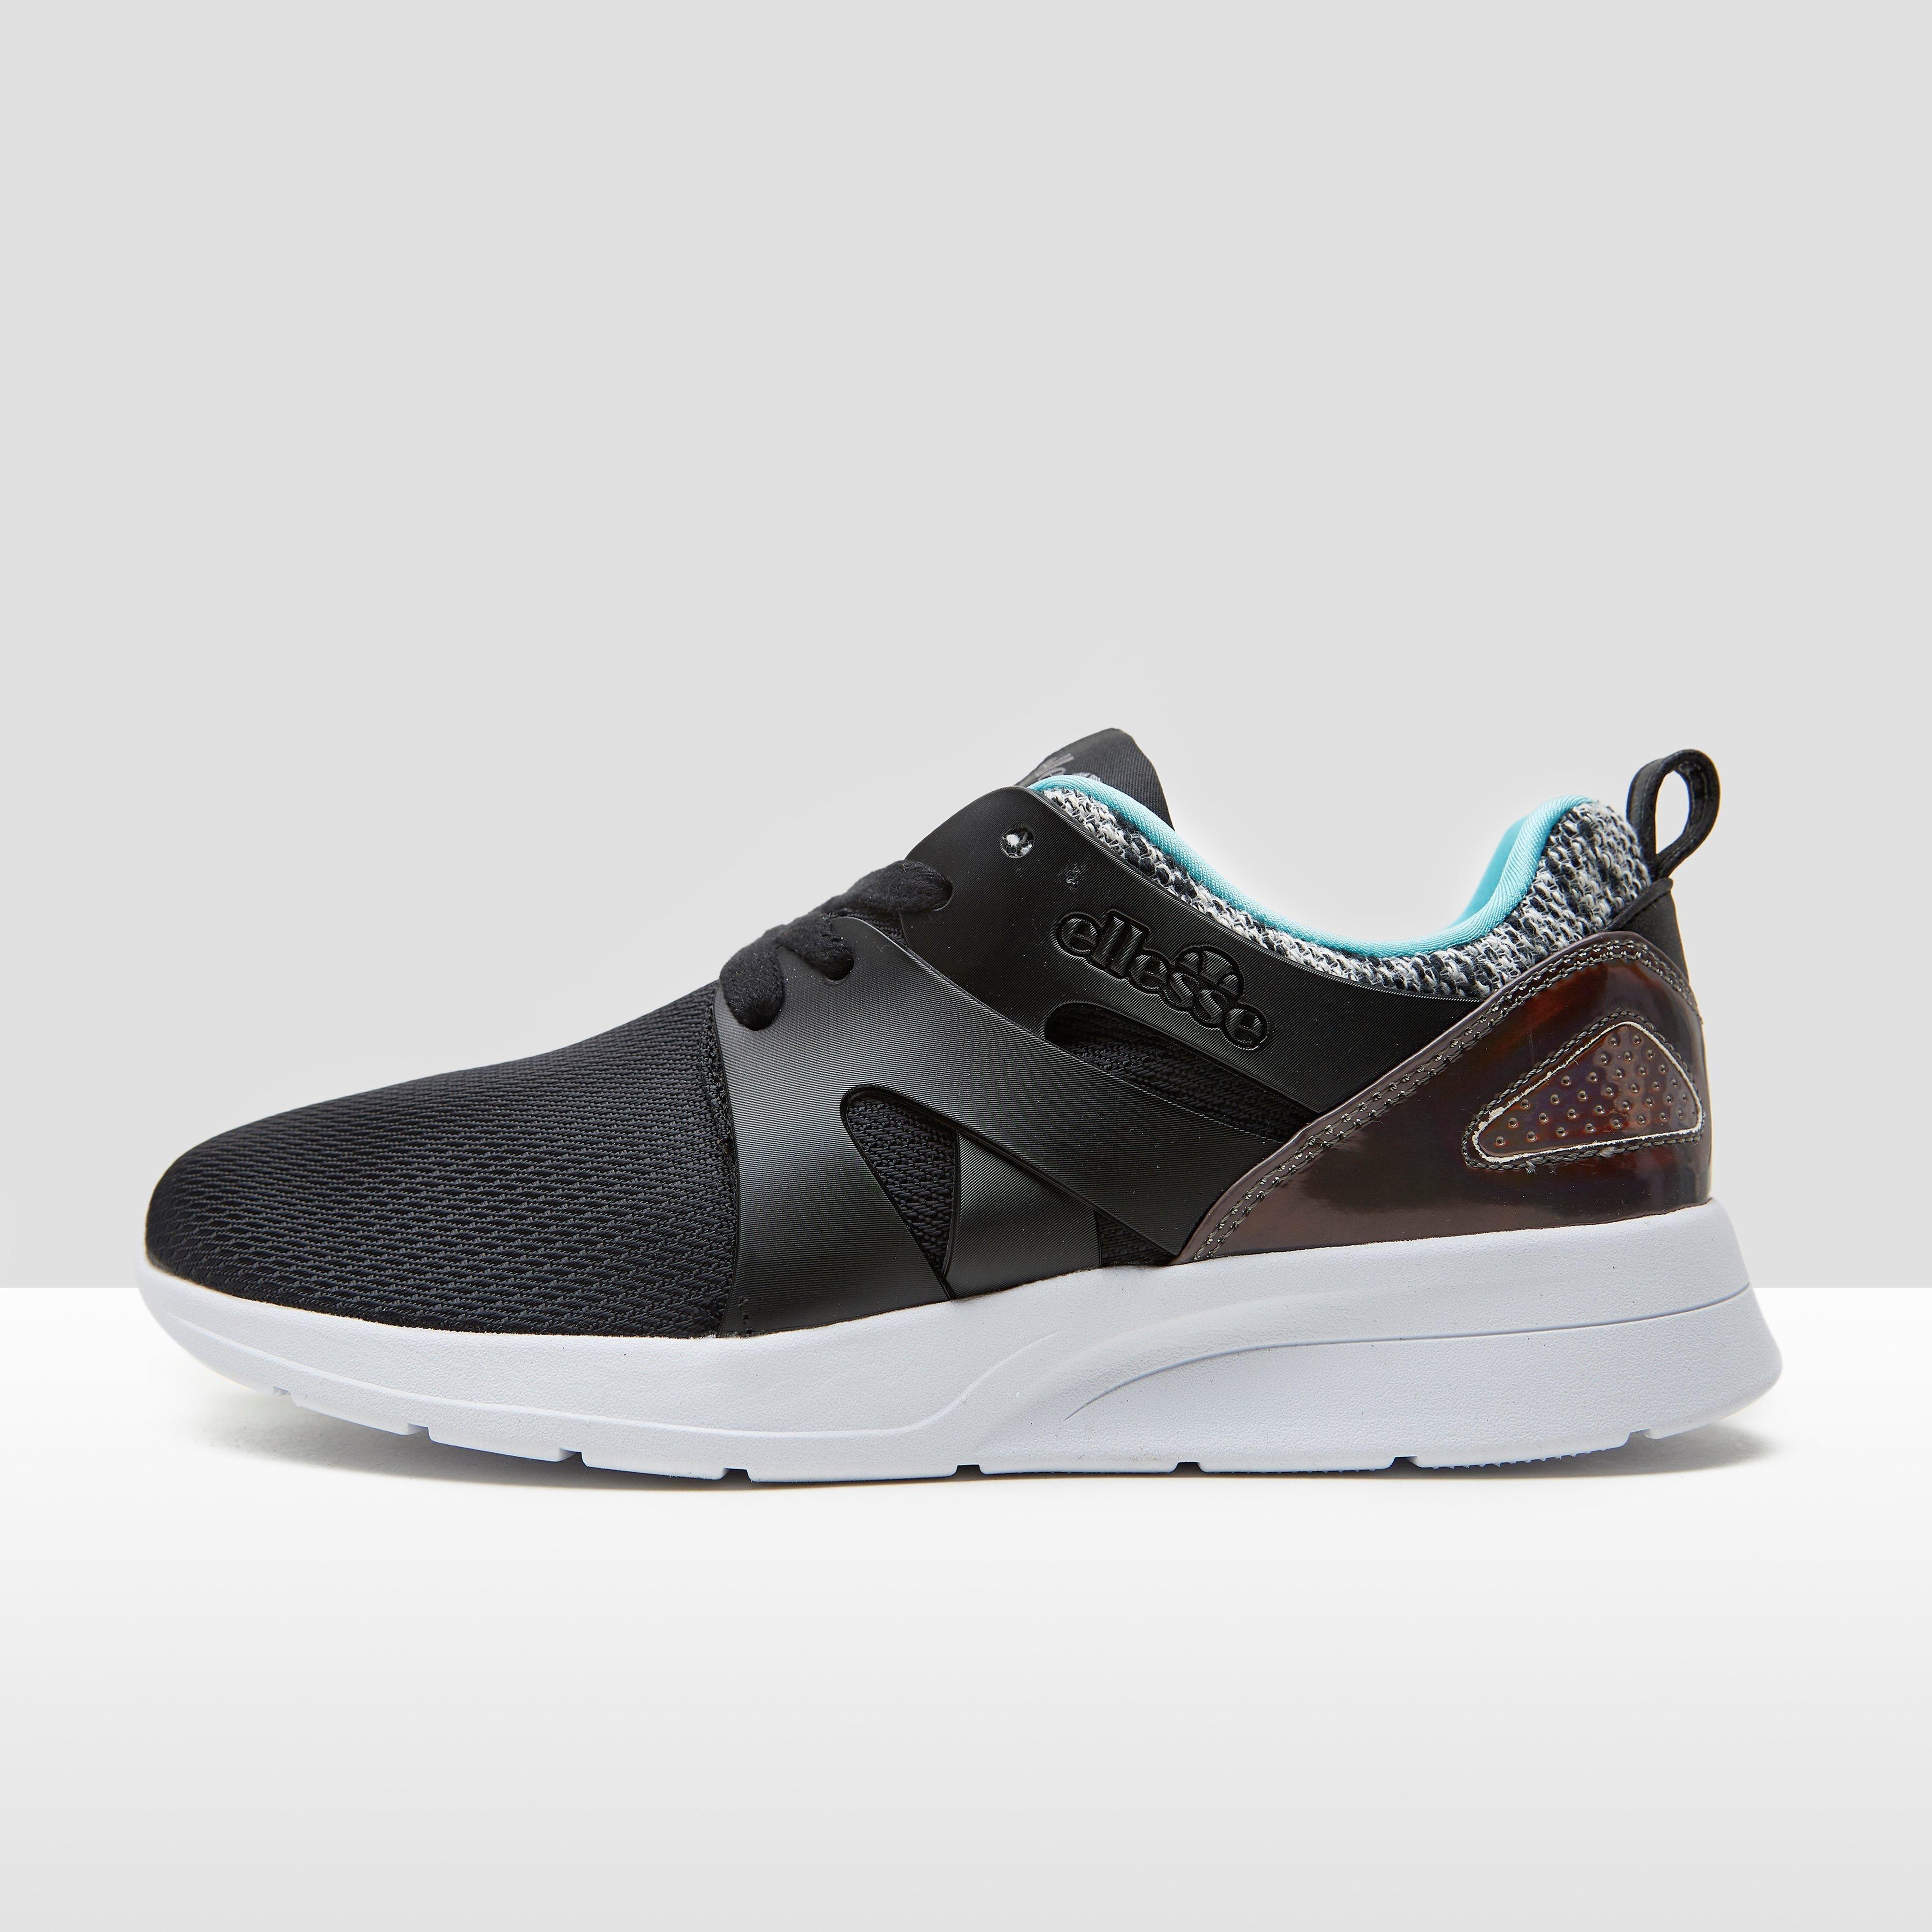 Ellesse Chaussures Noires Taille 37 Pour Les Femmes W1biXGBsZX